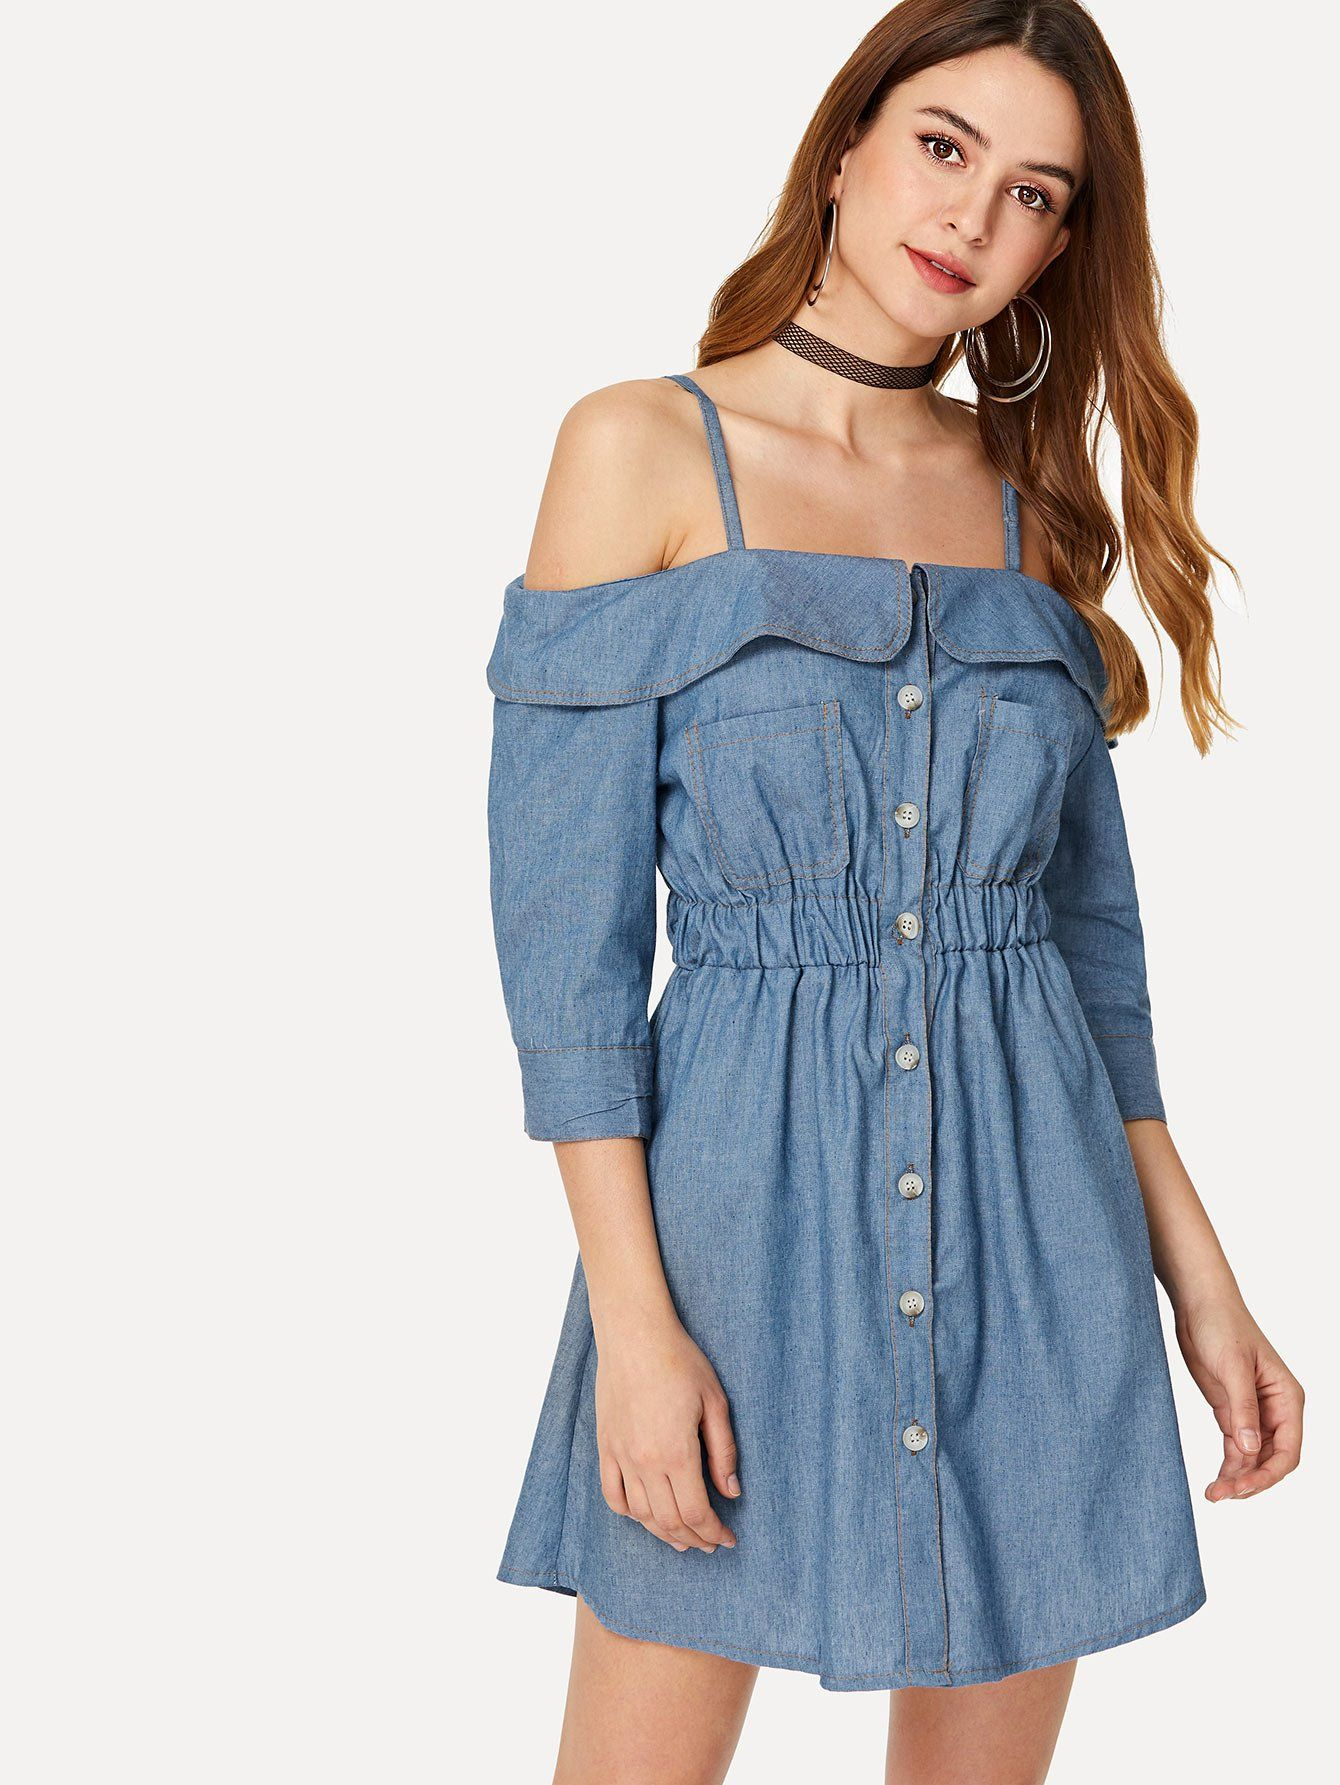 Off The Shoulder Denim Dress Denim dress, Denim outfit